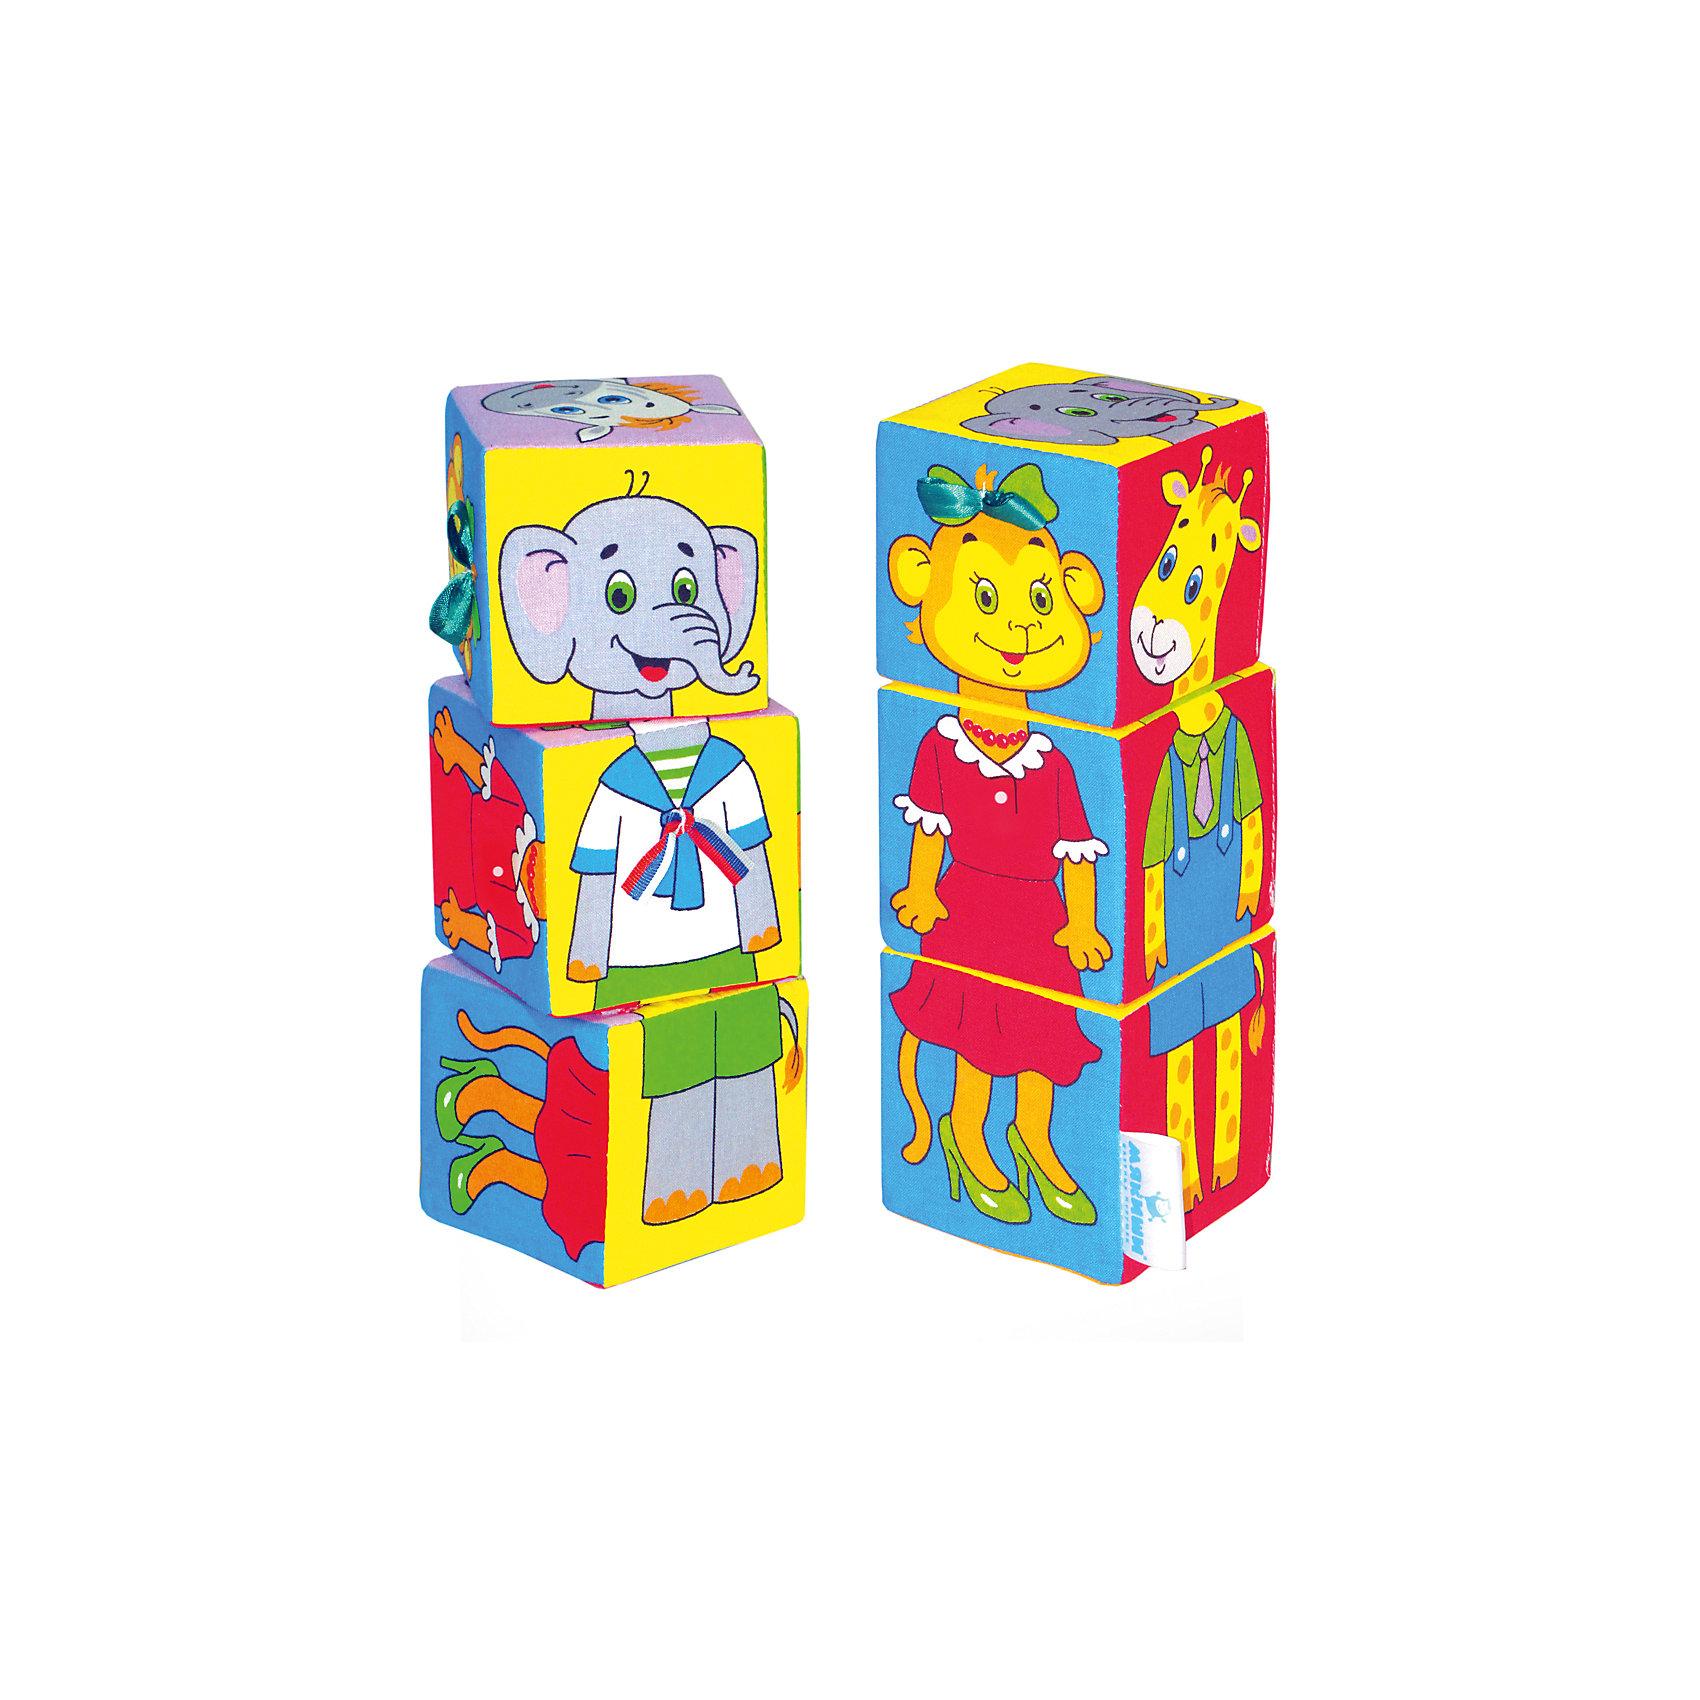 Кубики Собираем по одежке, МякишиХарактеристики товара:<br><br>• материал: хлопок, поролон<br>• комплектация: 3 шт<br>• размер игрушки: 8 см<br>• можно собрать шесть животных в одежде<br>• развивающая игрушка<br>• упаковка: пакет<br>• страна бренда: РФ<br>• страна изготовитель: РФ<br><br>Малыши активно познают мир и тянутся к новой информации. Чтобы сделать процесс изучения окружающего пространства интереснее, ребенку можно подарить развивающие игрушки. В процессе игры информация усваивается намного лучше!<br>Такие кубики помогут занять малыша, играть ими приятно и весело. Одновременно они позволят познакомиться со многими цветами, фактурами и предметами, которые ребенку предстоит встретить, а также из них можно собрать шесть животных в одежде. Такие игрушки развивают тактильные ощущения, моторику, цветовосприятие, логику, воображение, учат фокусировать внимание. Каждое изделие абсолютно безопасно – оно создано из качественной ткани с мягким наполнителем. Игрушки производятся из качественных и проверенных материалов, которые безопасны для детей.<br><br>Кубики Собираем по одежке от бренда Мякиши можно купить в нашем интернет-магазине.<br><br>Ширина мм: 240<br>Глубина мм: 80<br>Высота мм: 80<br>Вес г: 80<br>Возраст от месяцев: 12<br>Возраст до месяцев: 36<br>Пол: Унисекс<br>Возраст: Детский<br>SKU: 5183183